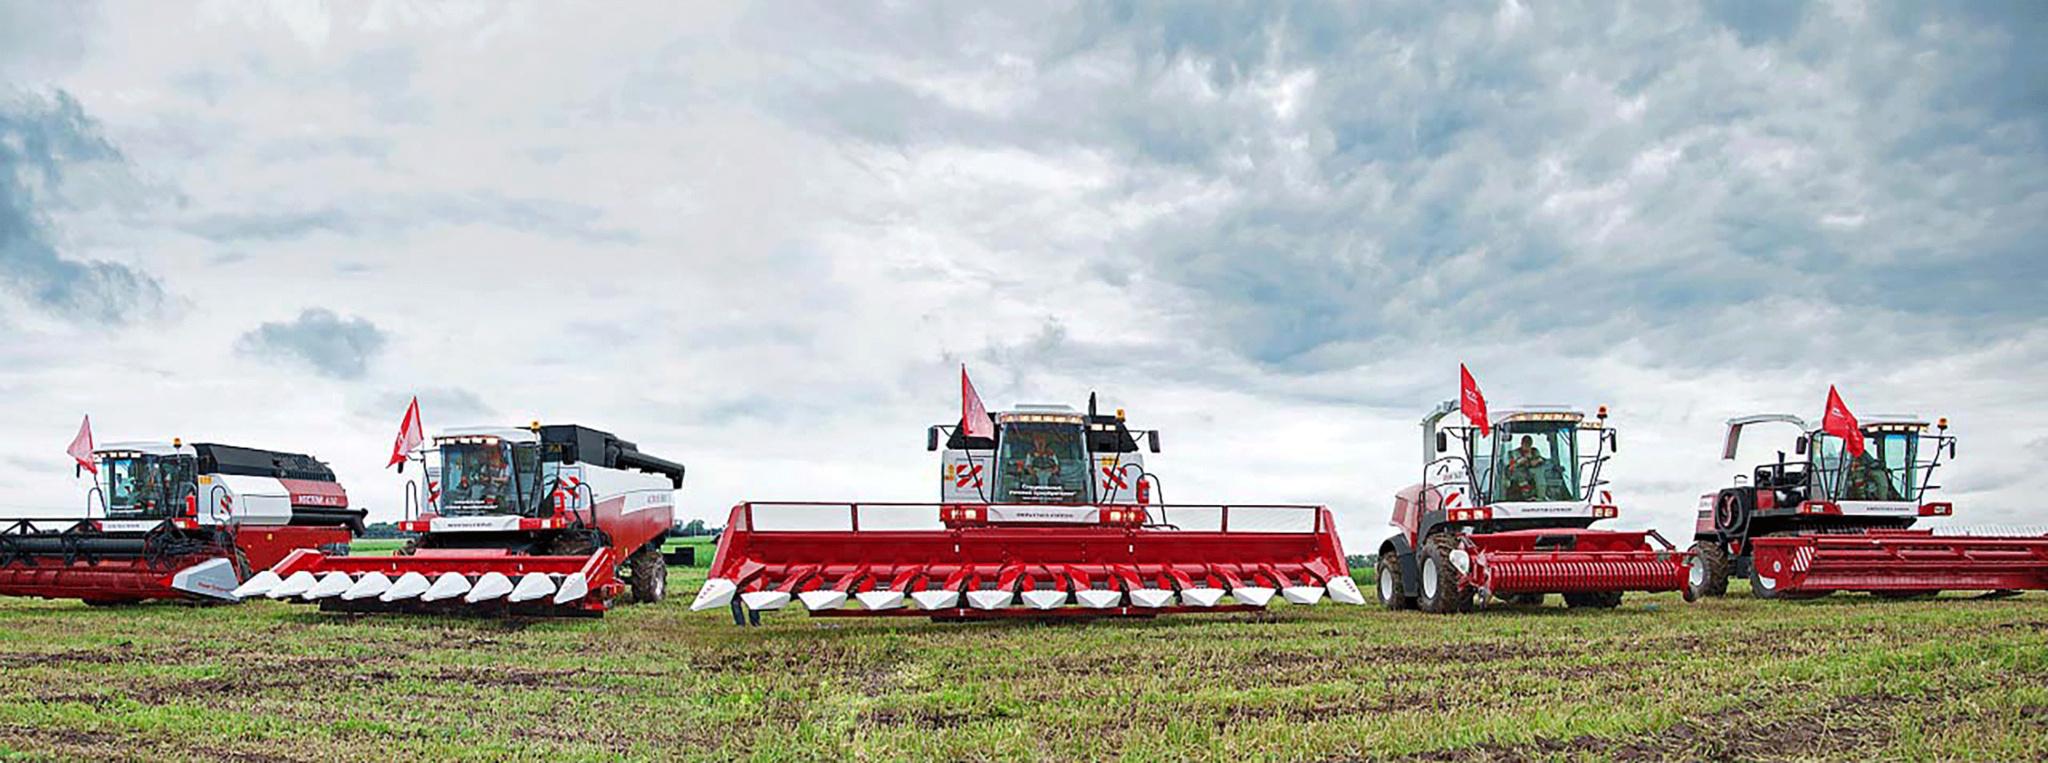 187 единиц новой сельхозтехники приобрели аграрии Смоленской области за I полугодие